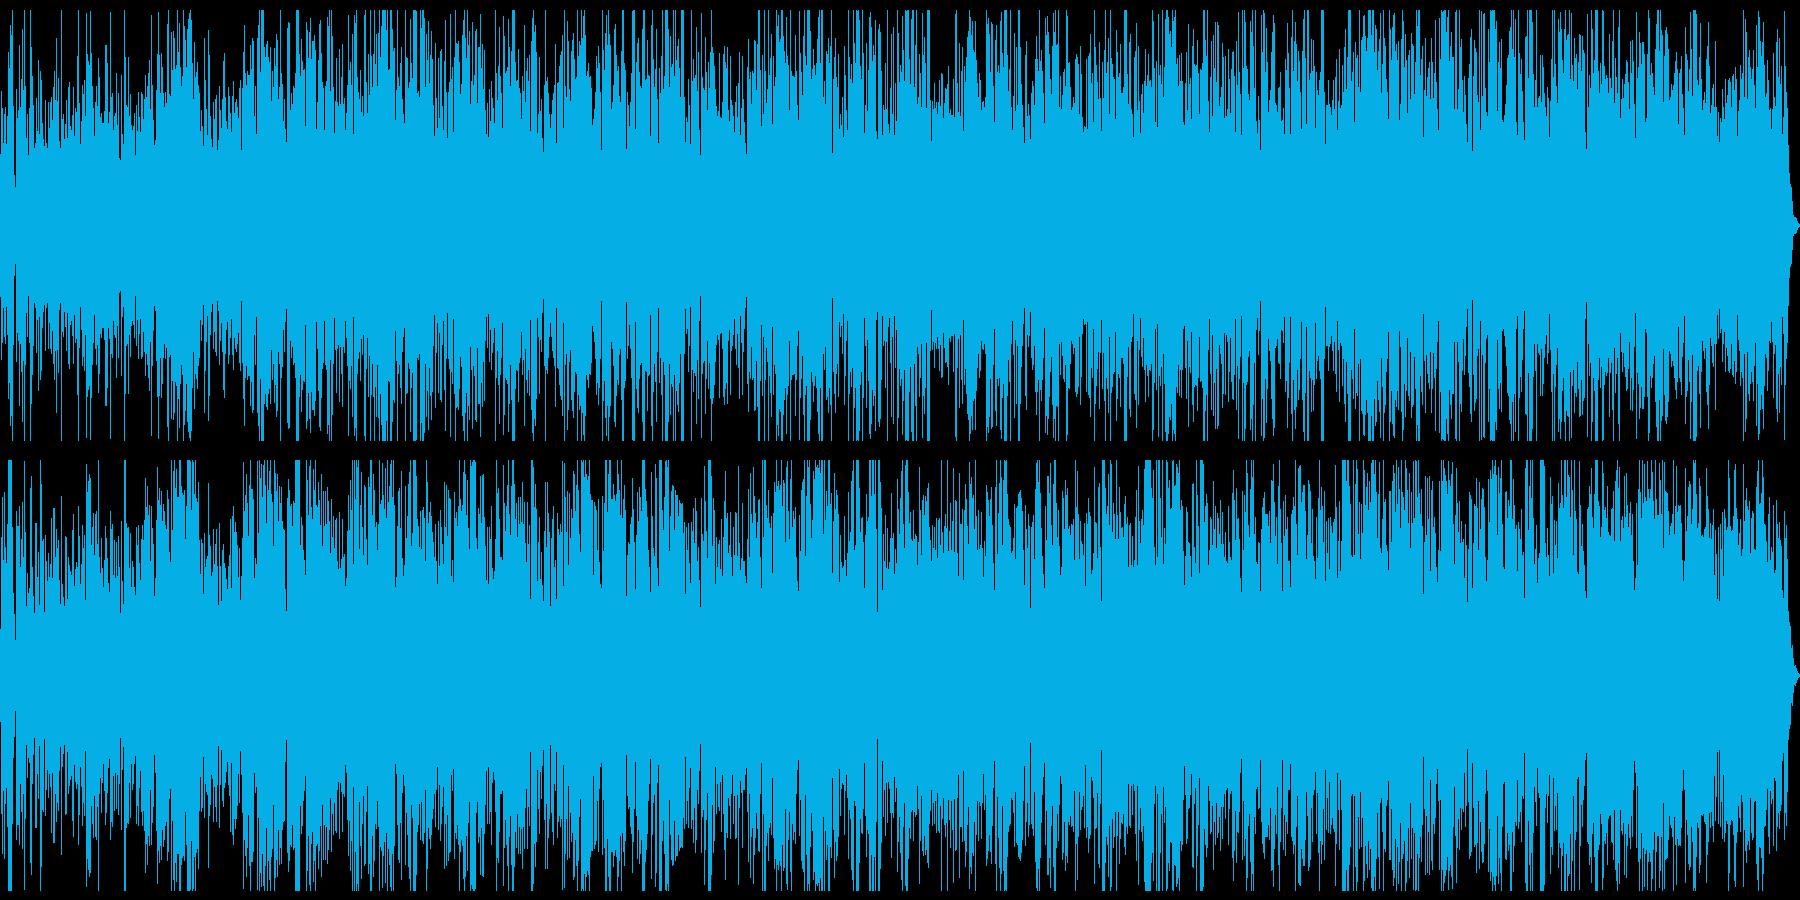 川のせせらぎとピアノのメロディが18分の再生済みの波形